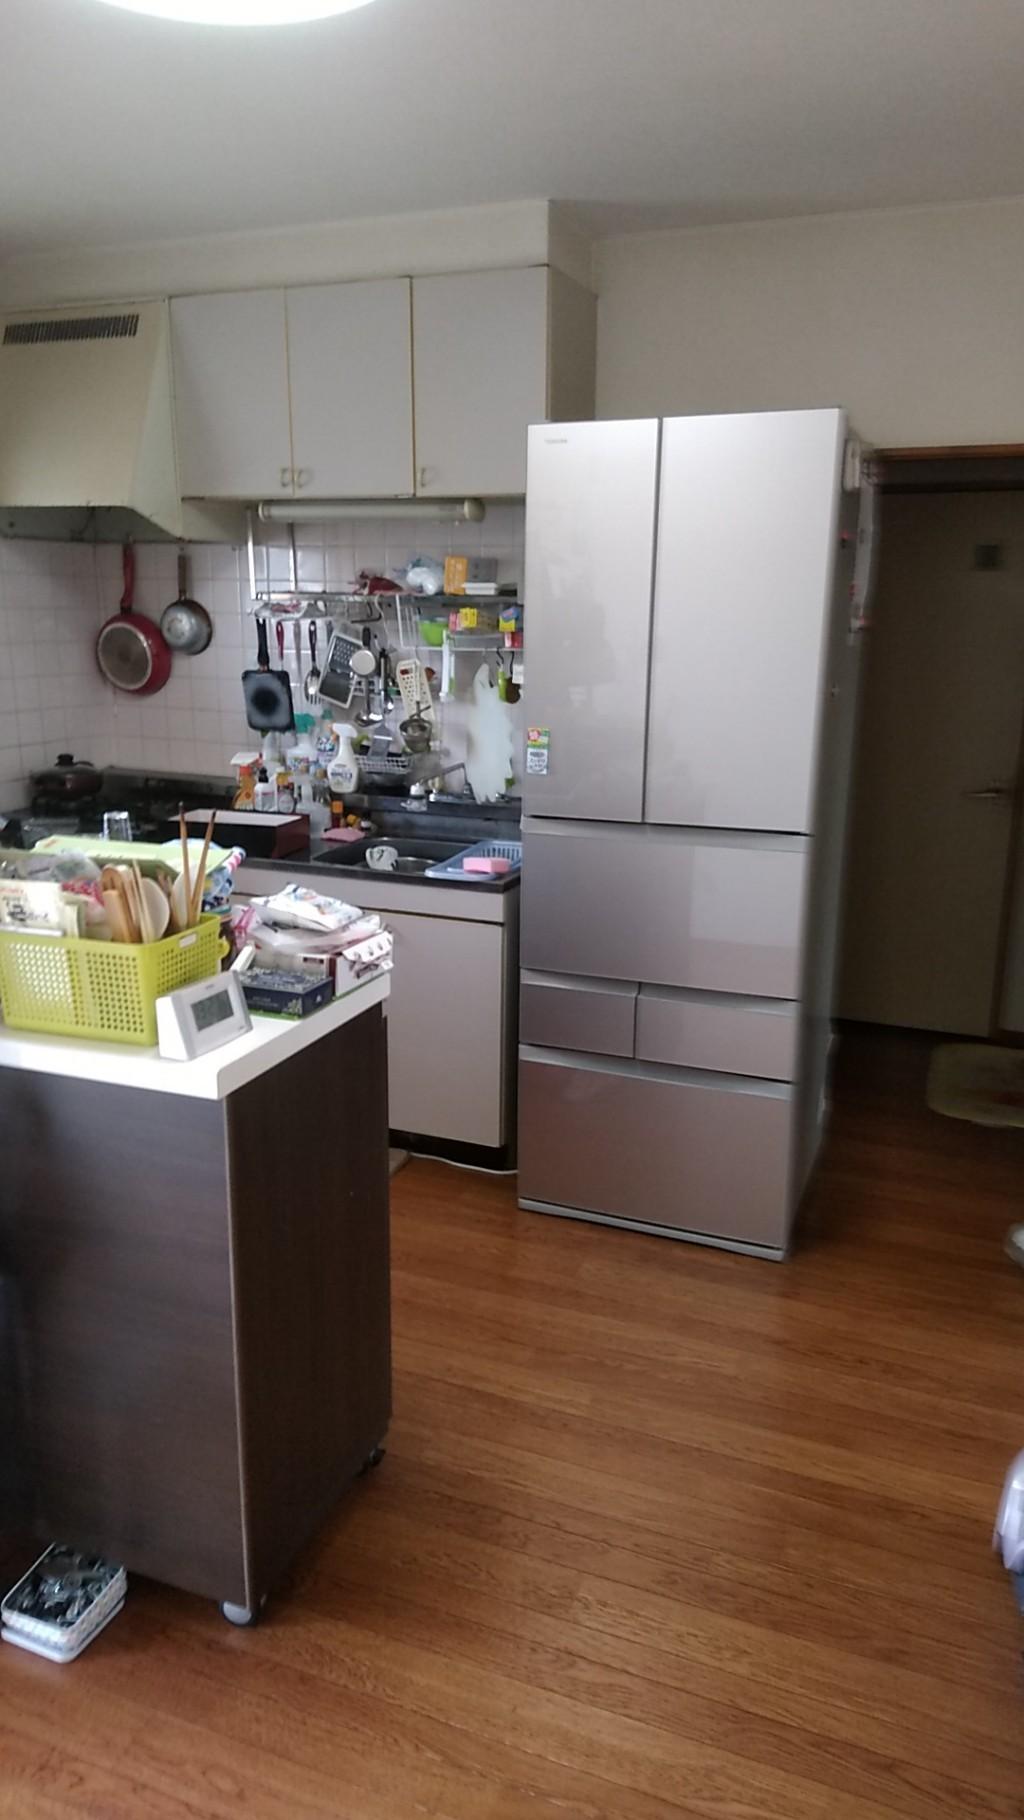 【倉敷市】本棚、整理タンスなど2tトラック1台程度の不用品回収☆大きな家具の処分を一気にでき、大変満足していただきました!